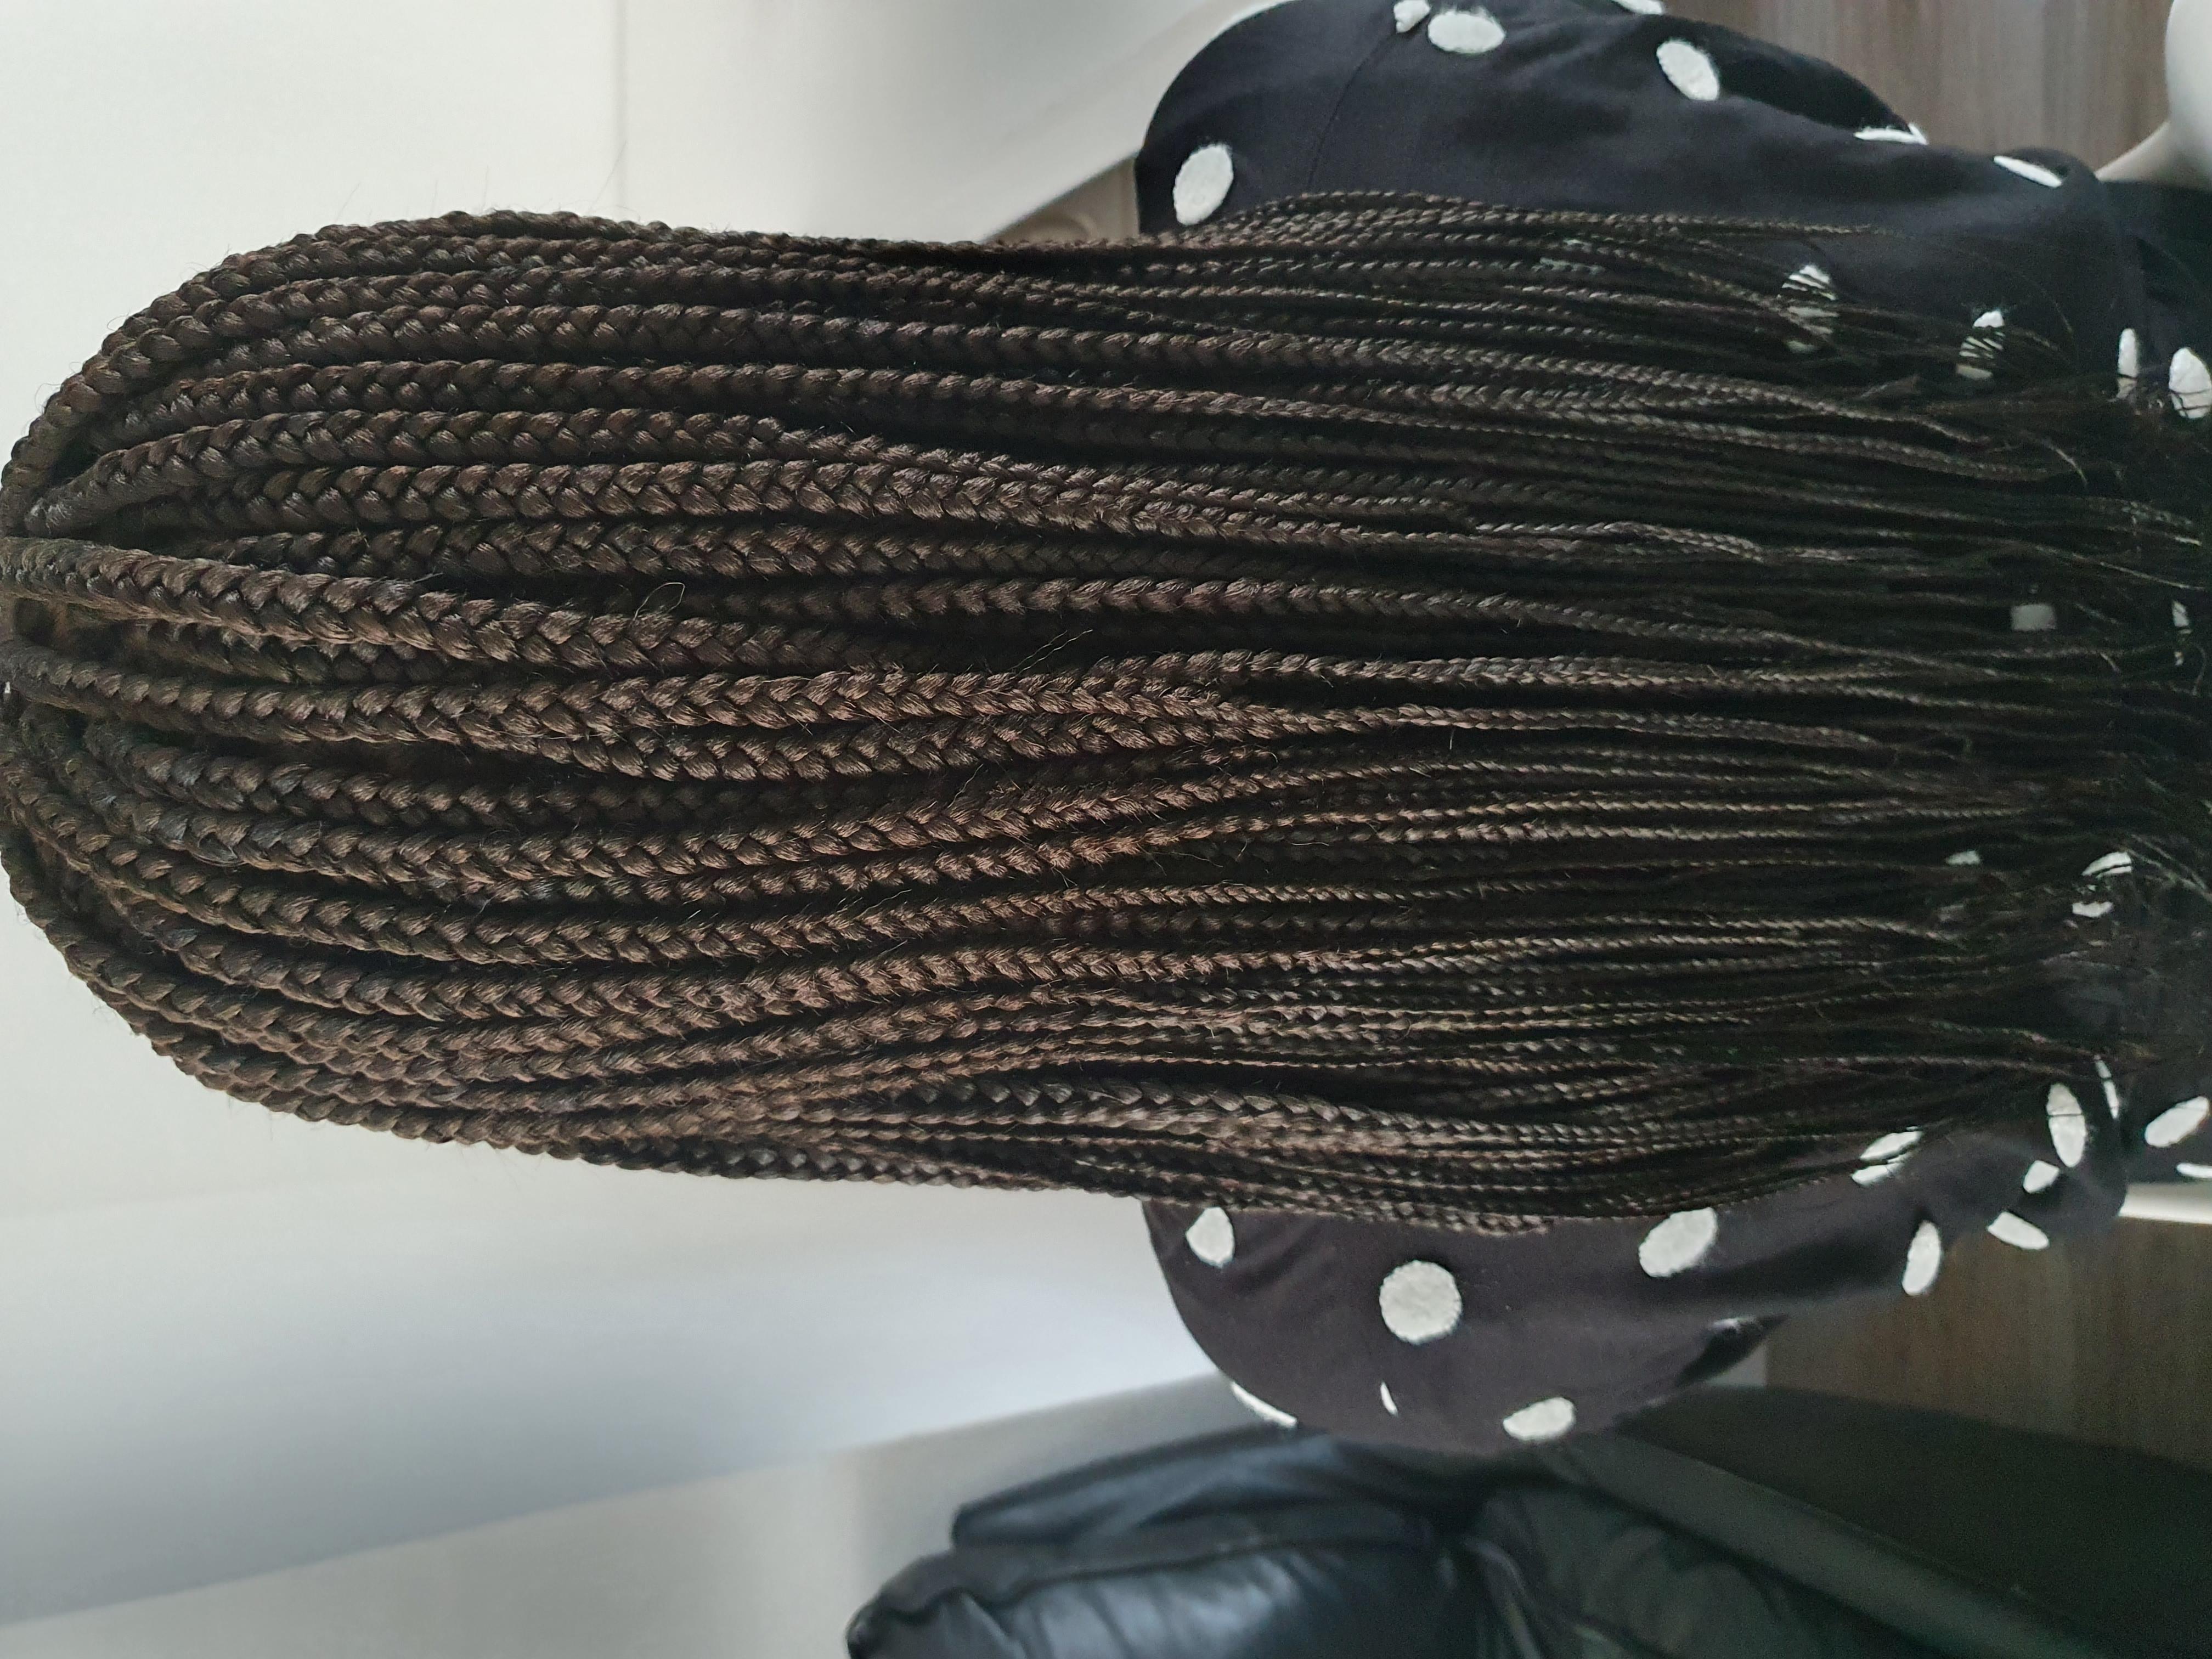 salon de coiffure afro tresse tresses box braids crochet braids vanilles tissages paris 75 77 78 91 92 93 94 95 IZLDRQQX